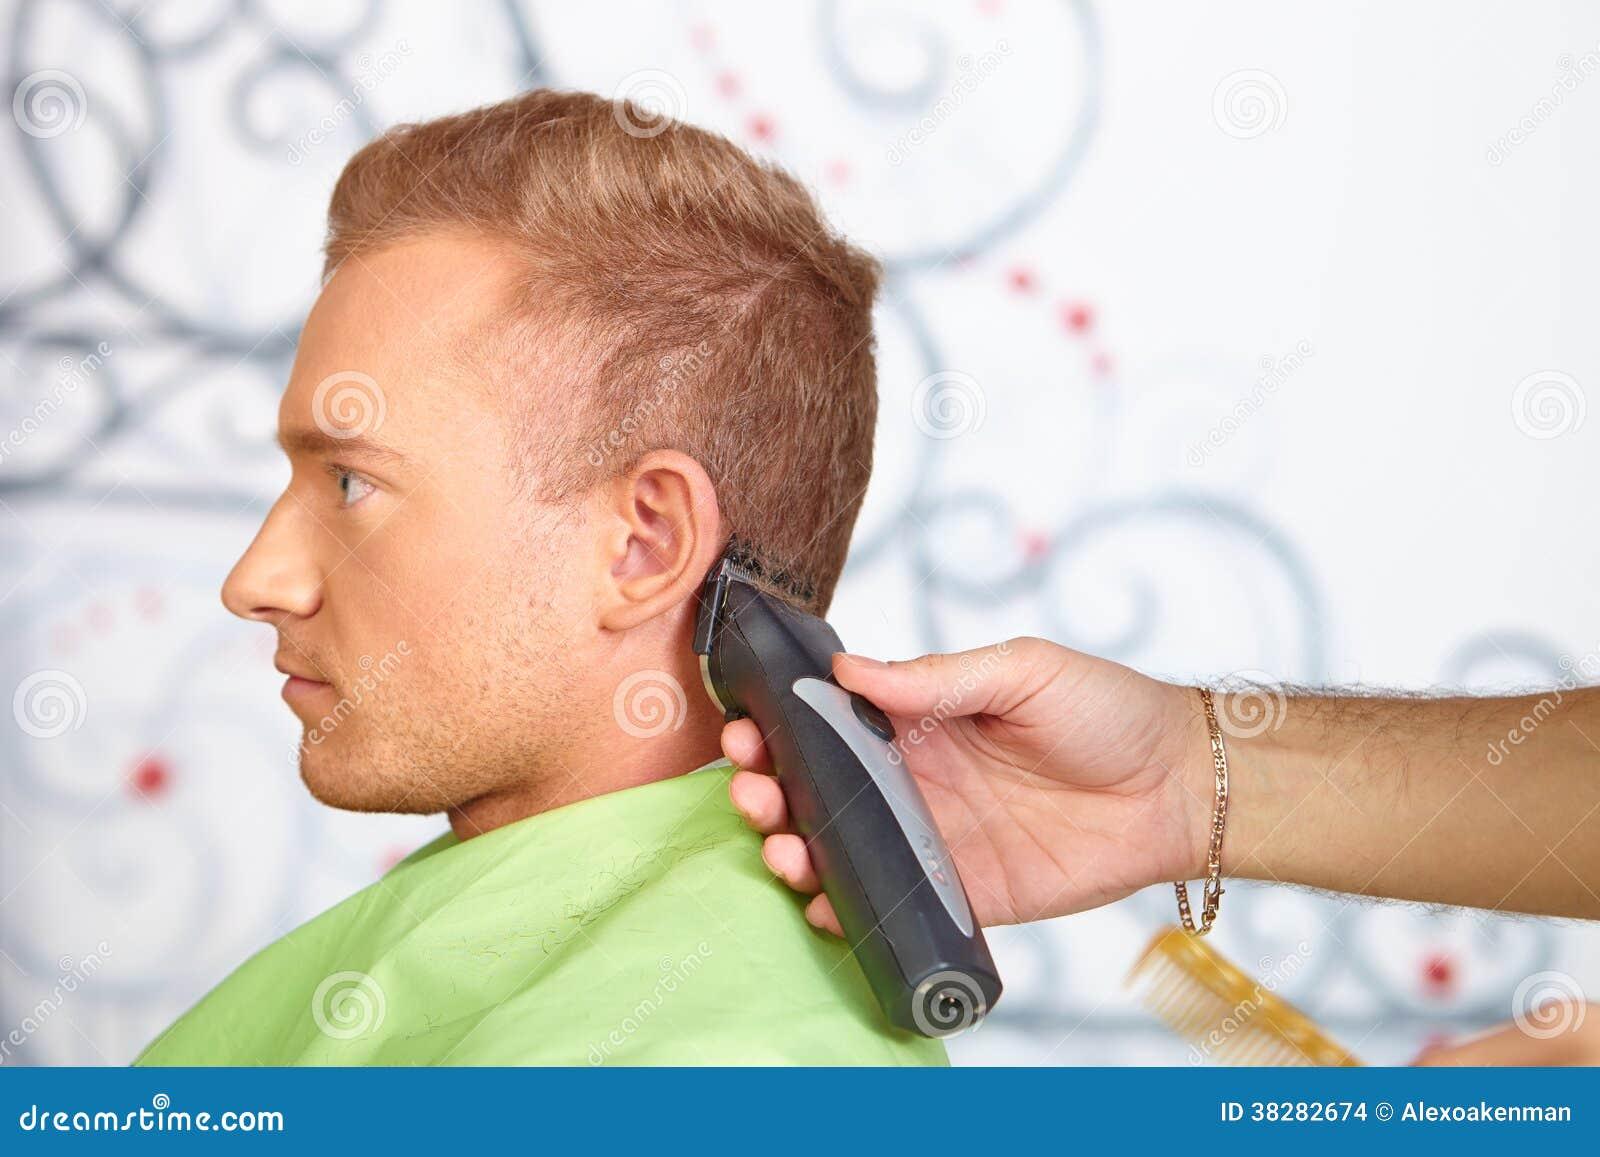 Salon De Coiffure. Le Coiffeur Fait La Coupe De Cheveux Pour L ...